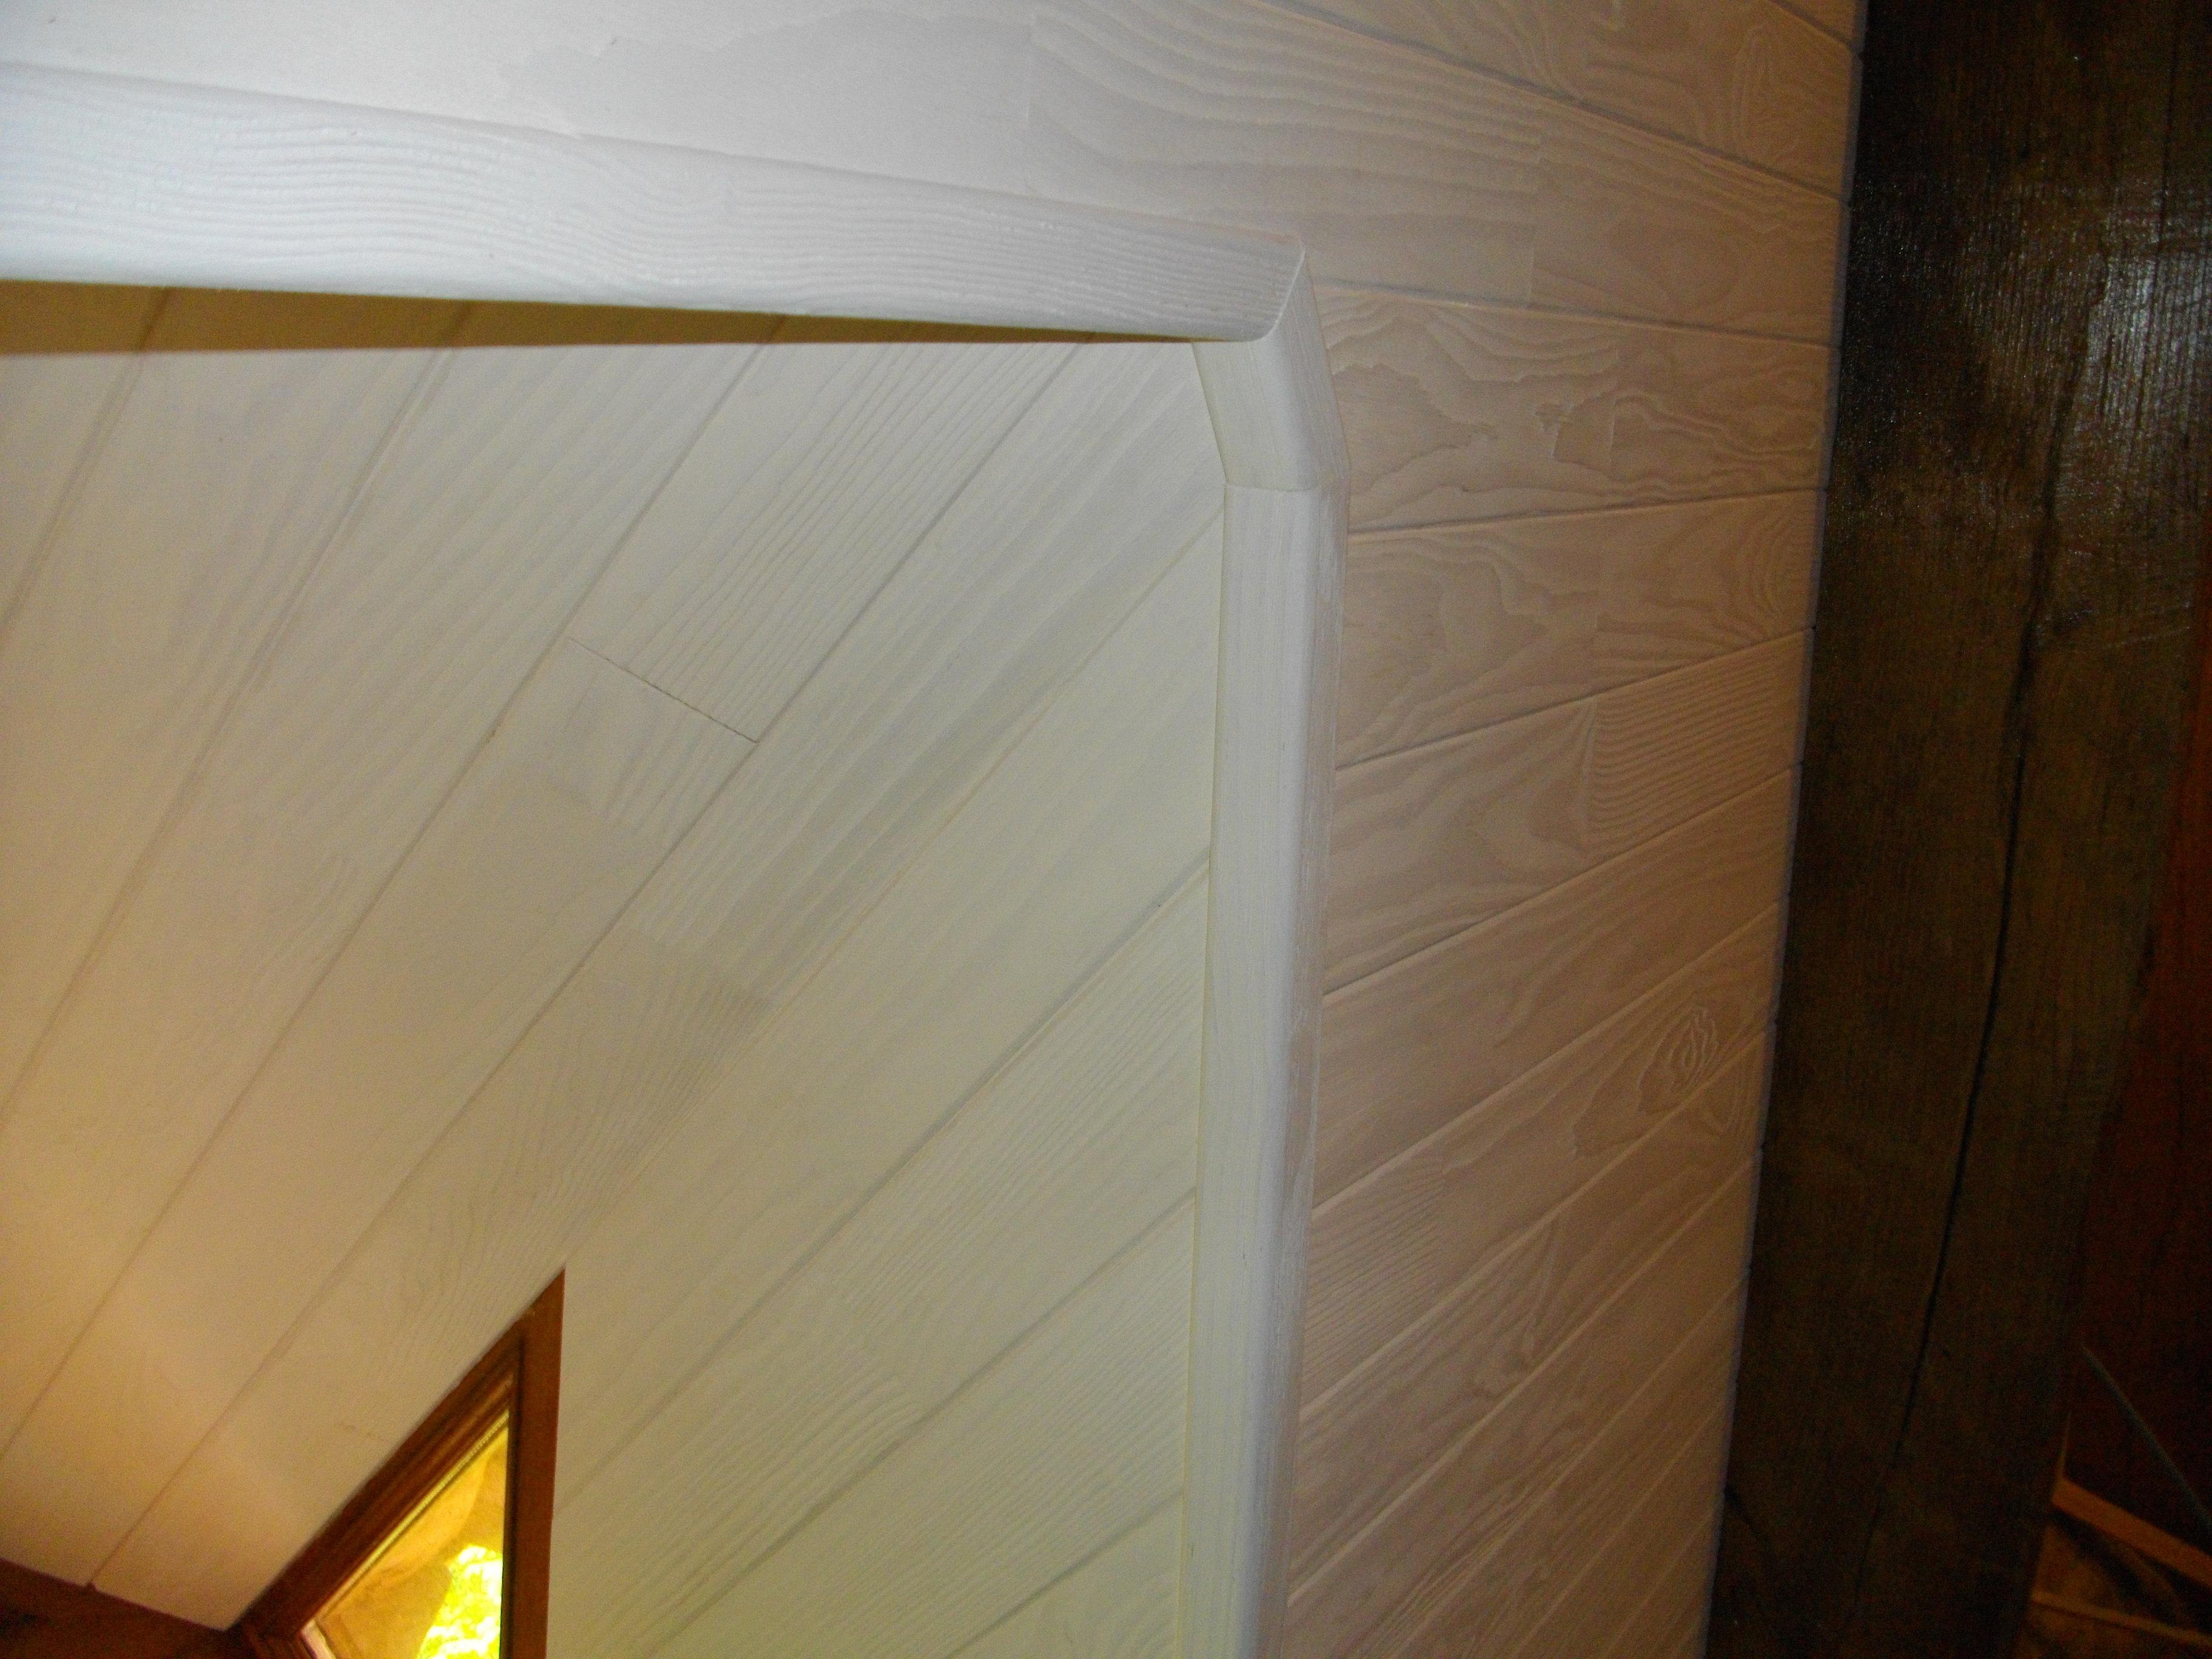 coupe de baguette d'angle brossé blanc, lambris, habillage lucarne